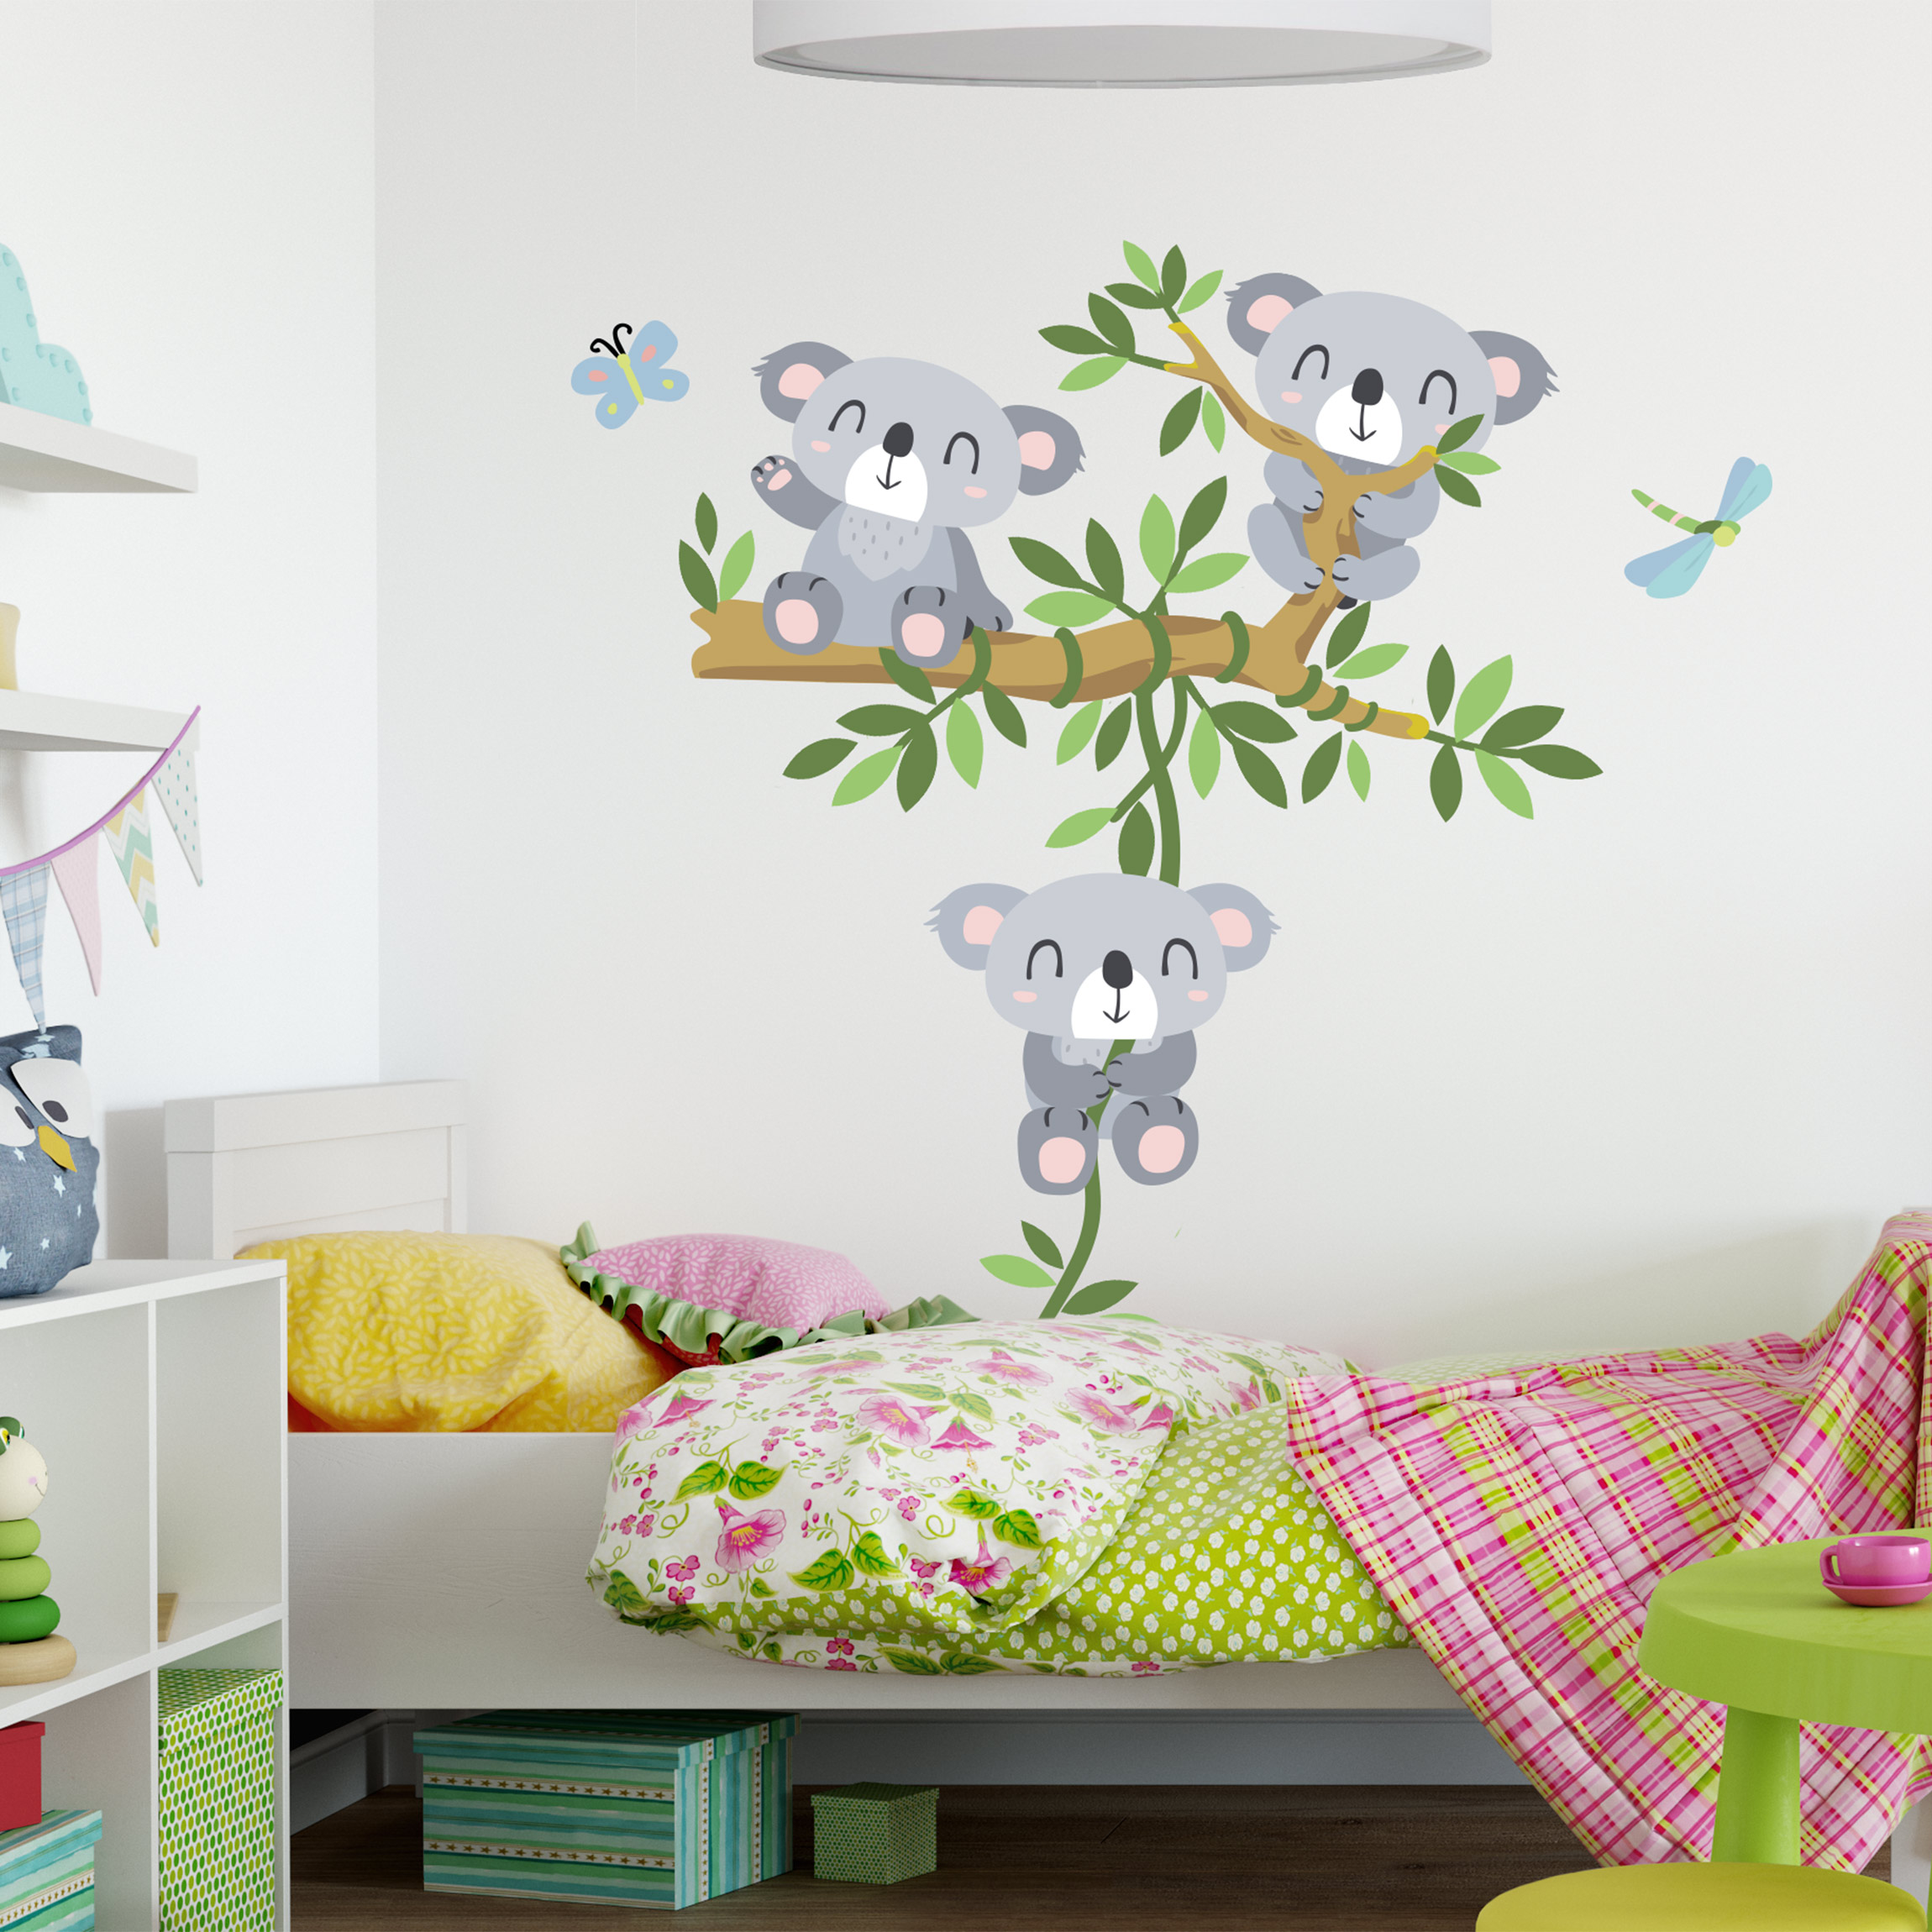 Wandtattoo kinderzimmer koala set - Wandtattoo janosch ...